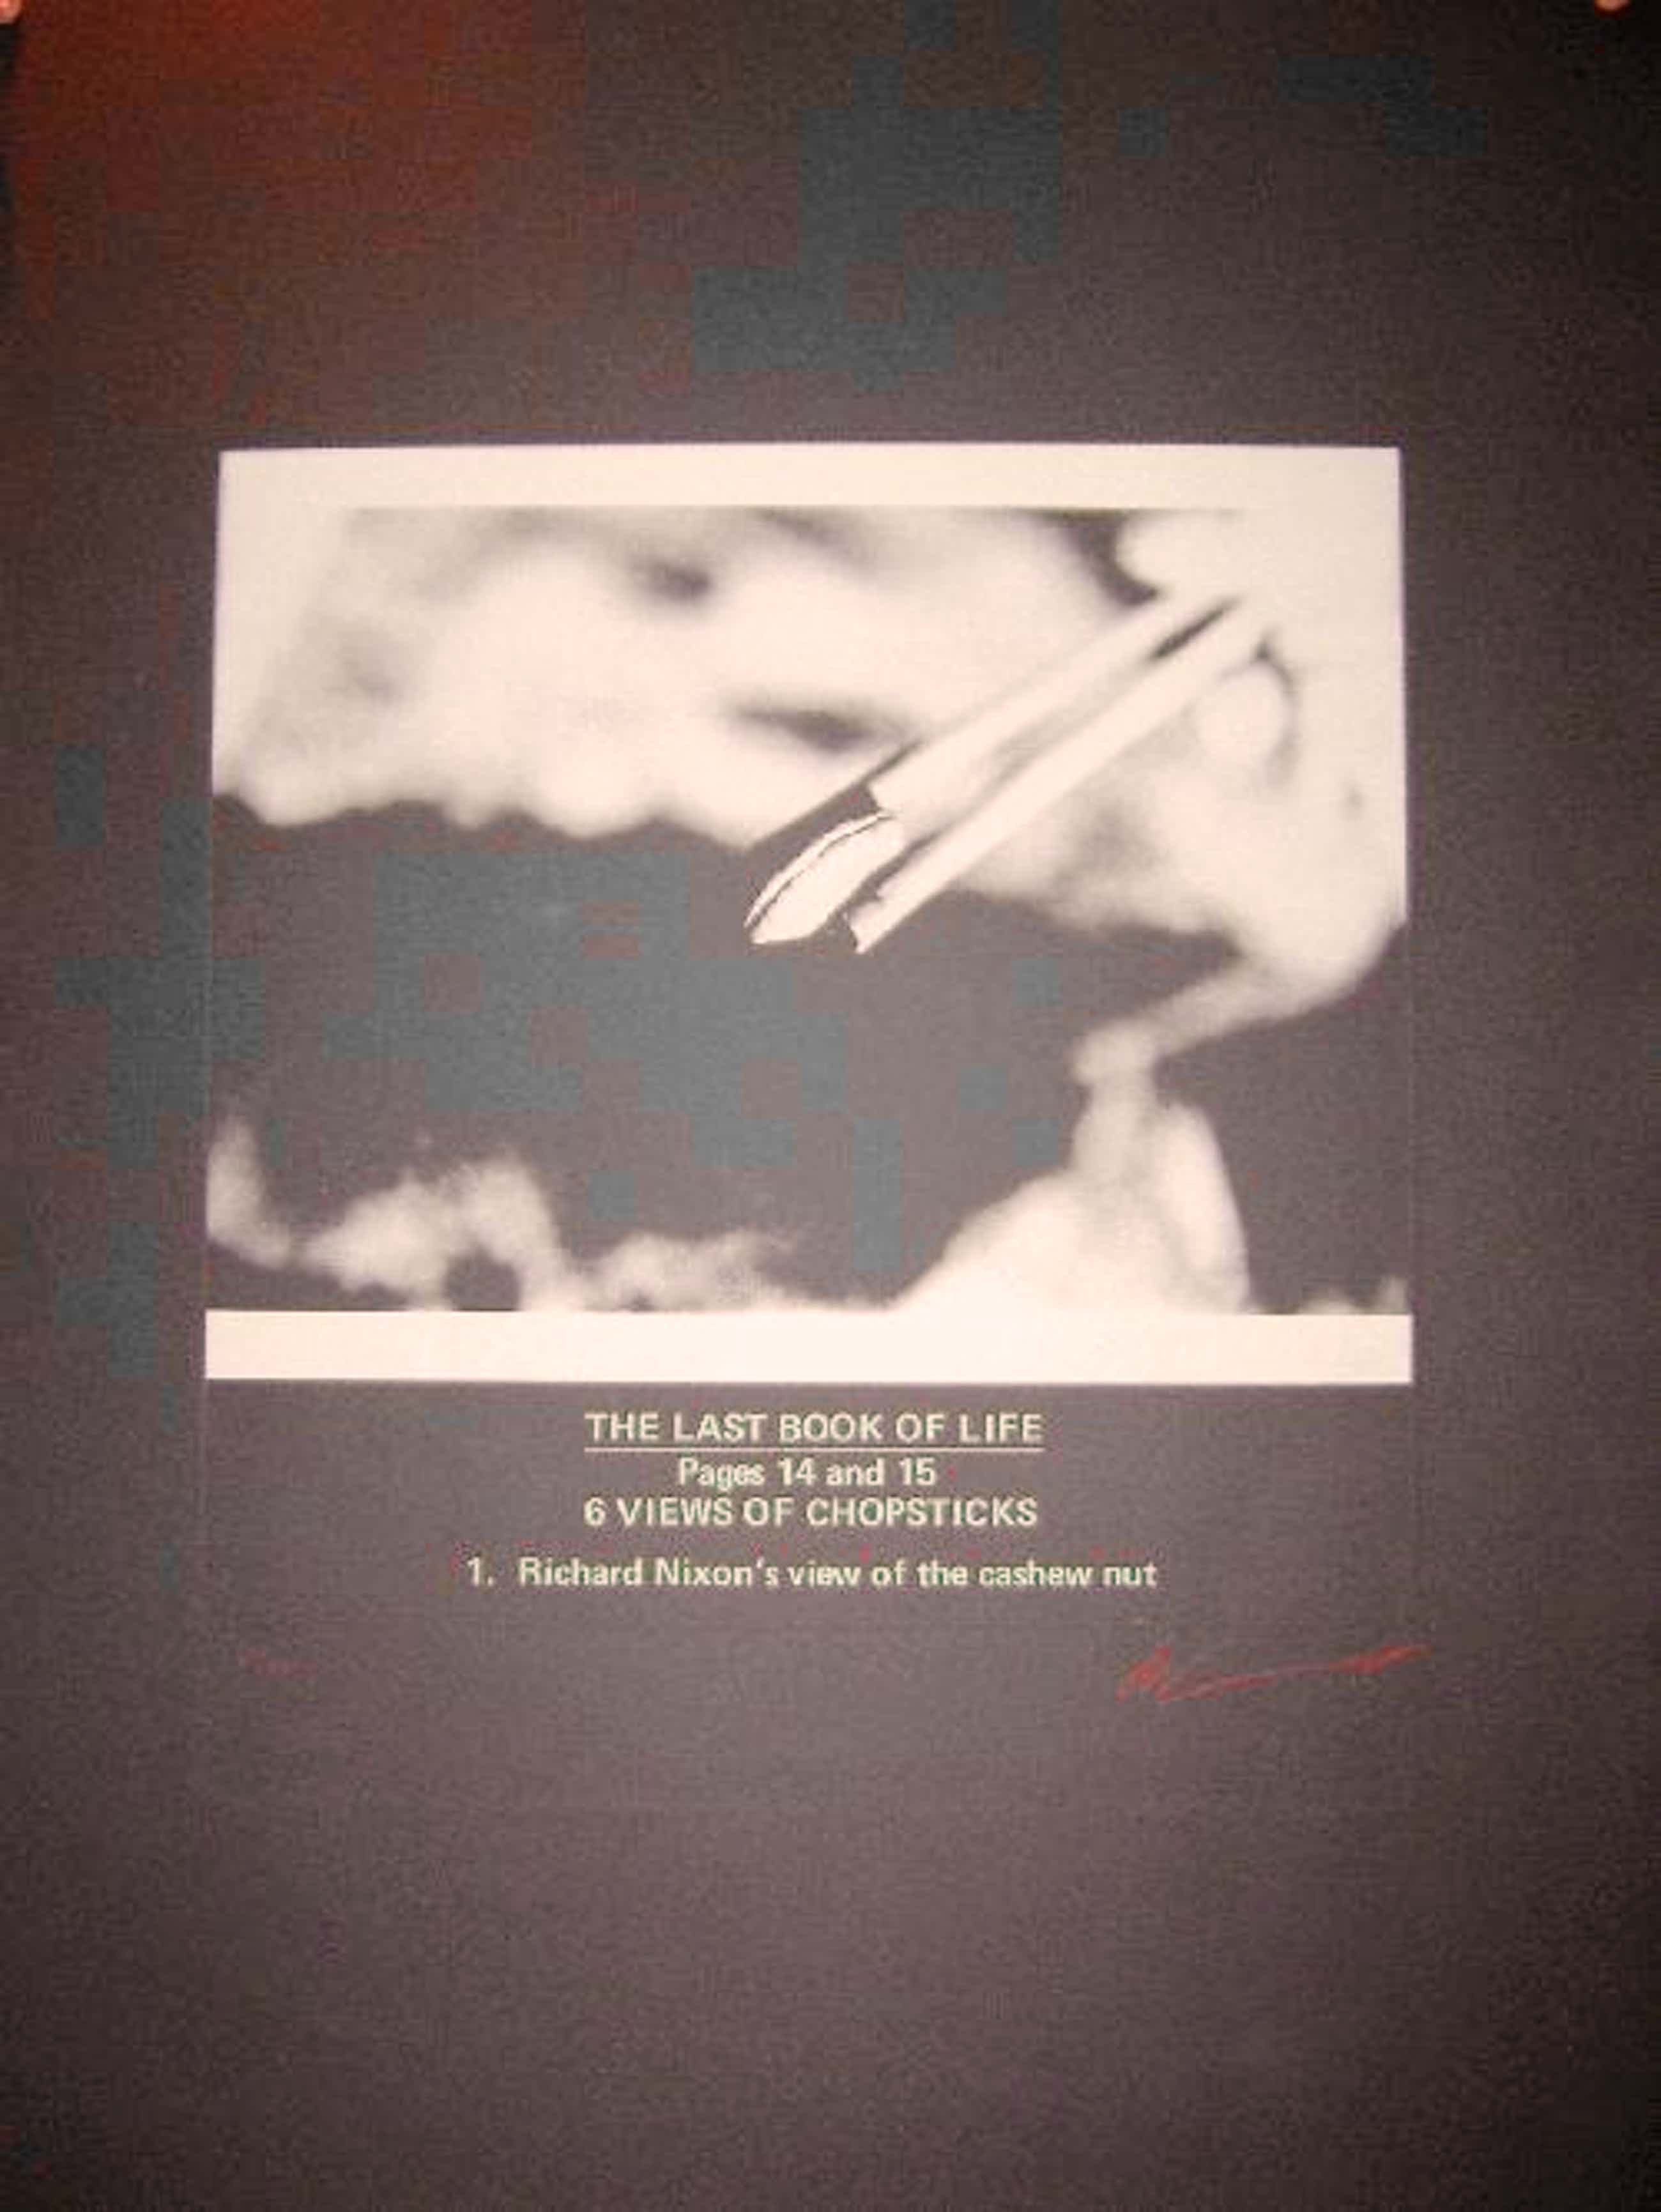 Les Levine - THE LAST BOOK OF LIFE I- , handsigniert kopen? Bied vanaf 590!